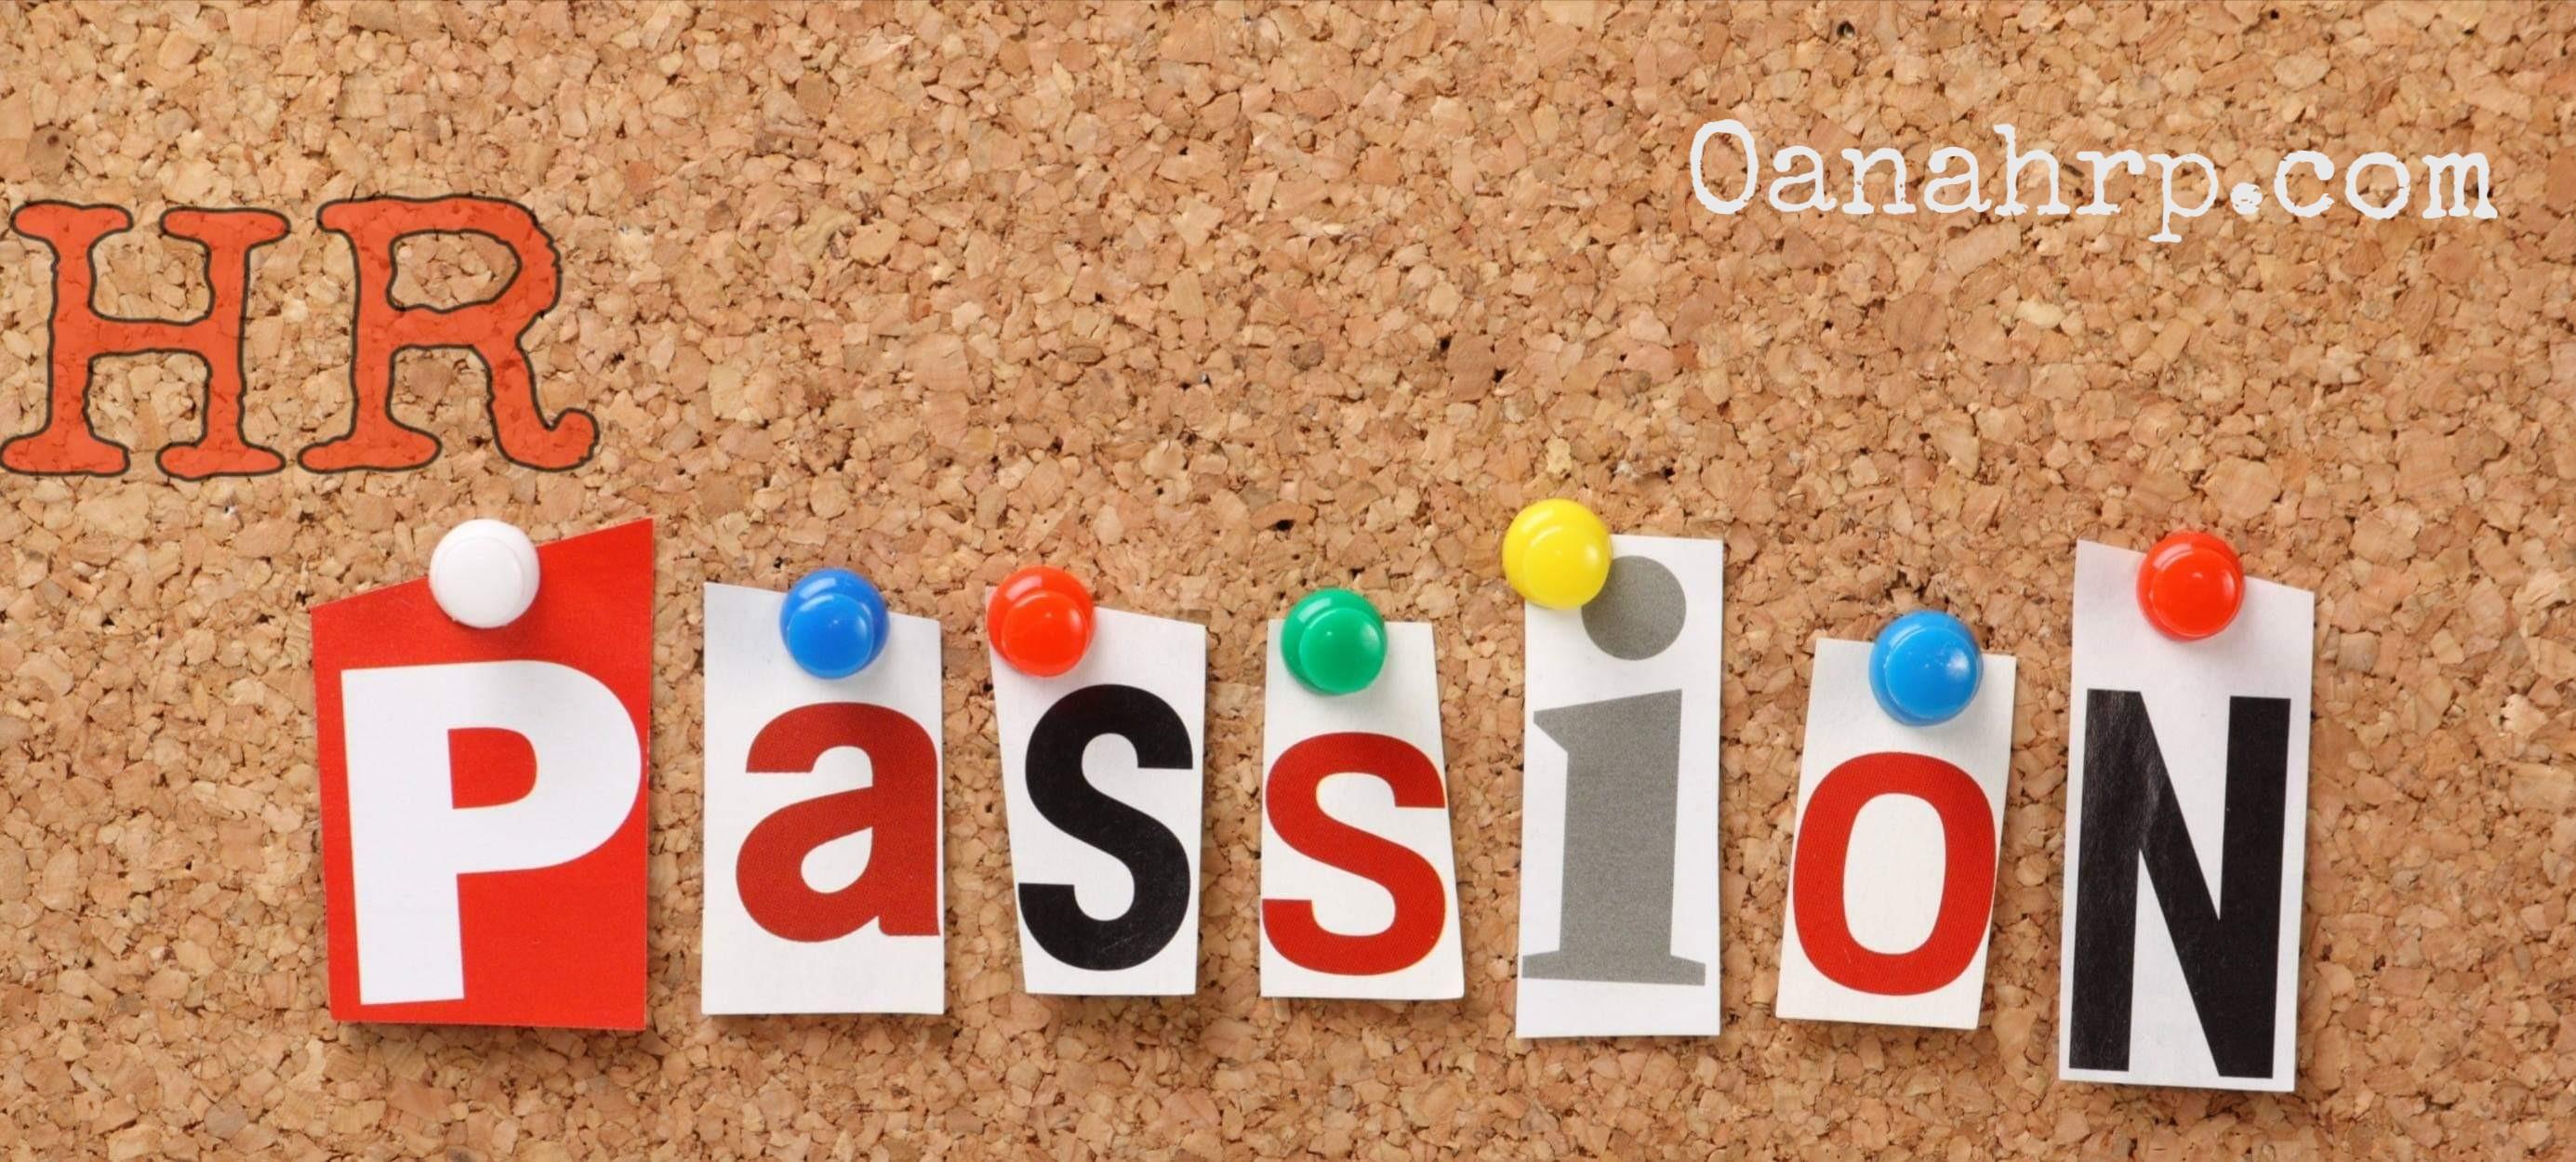 Oanahrp hr passion